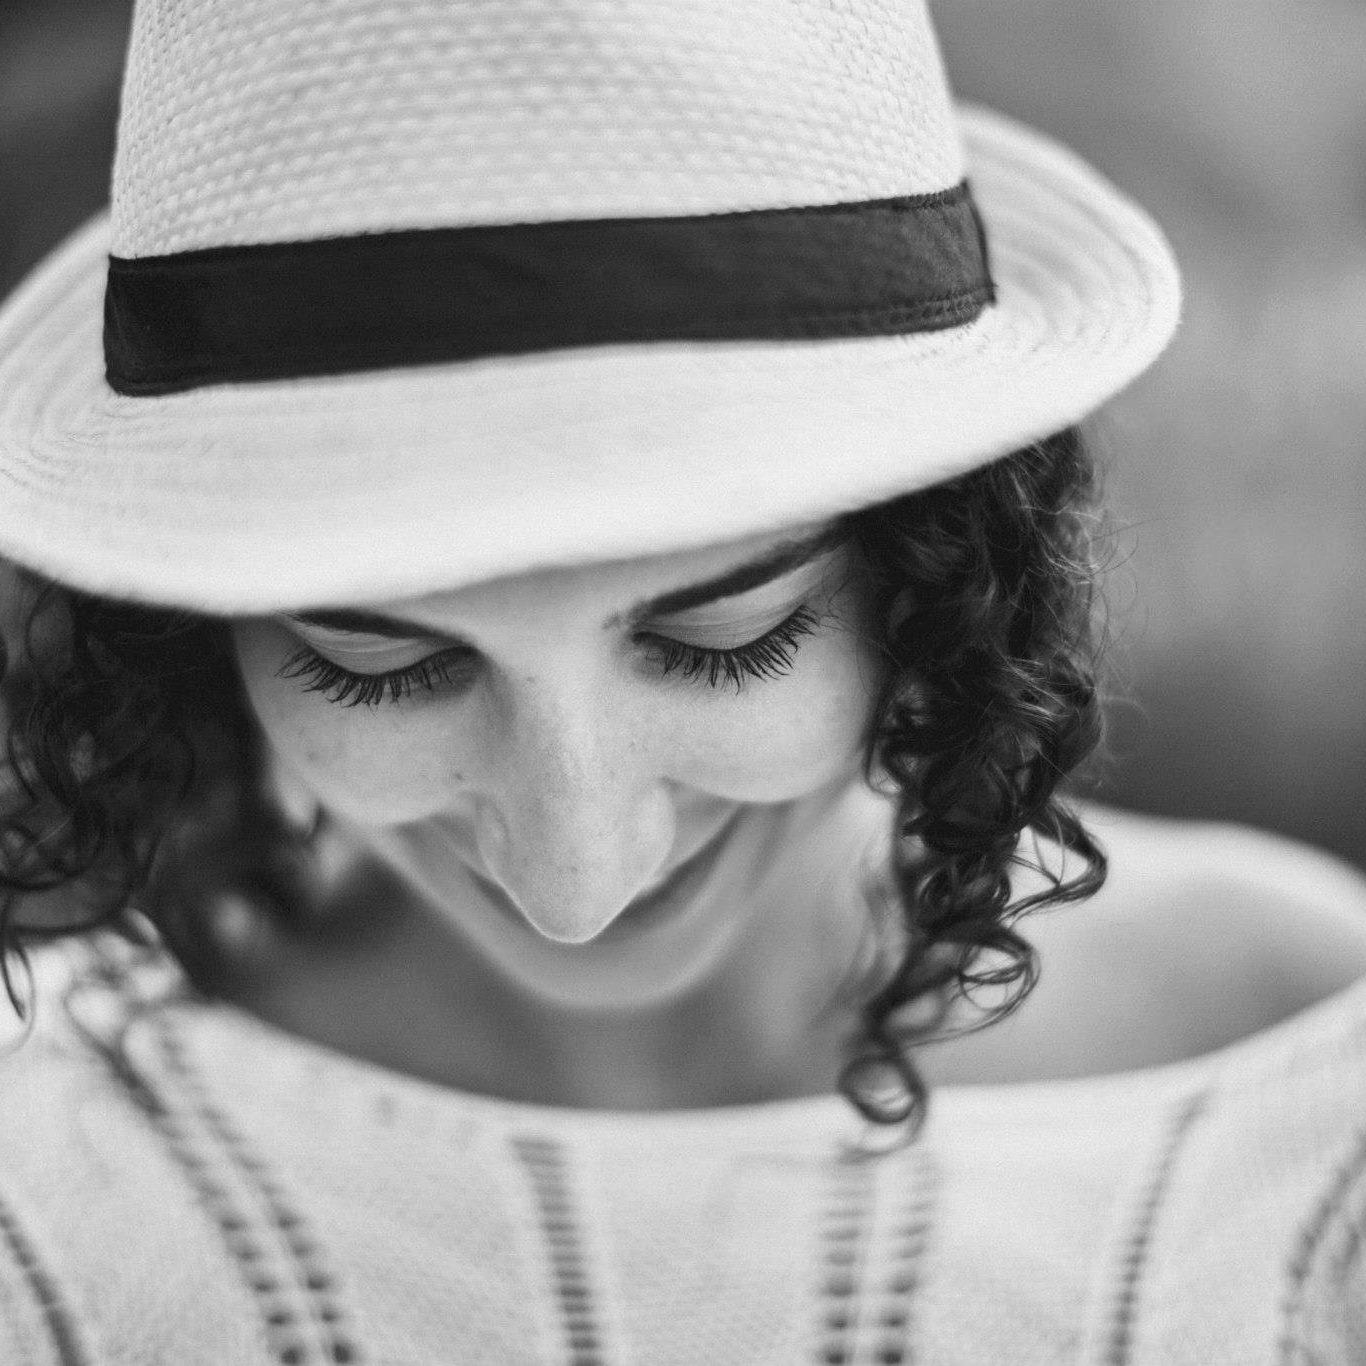 Sobre Aline Moreno - Fotografia Lifestyle de Familias - Curitiba